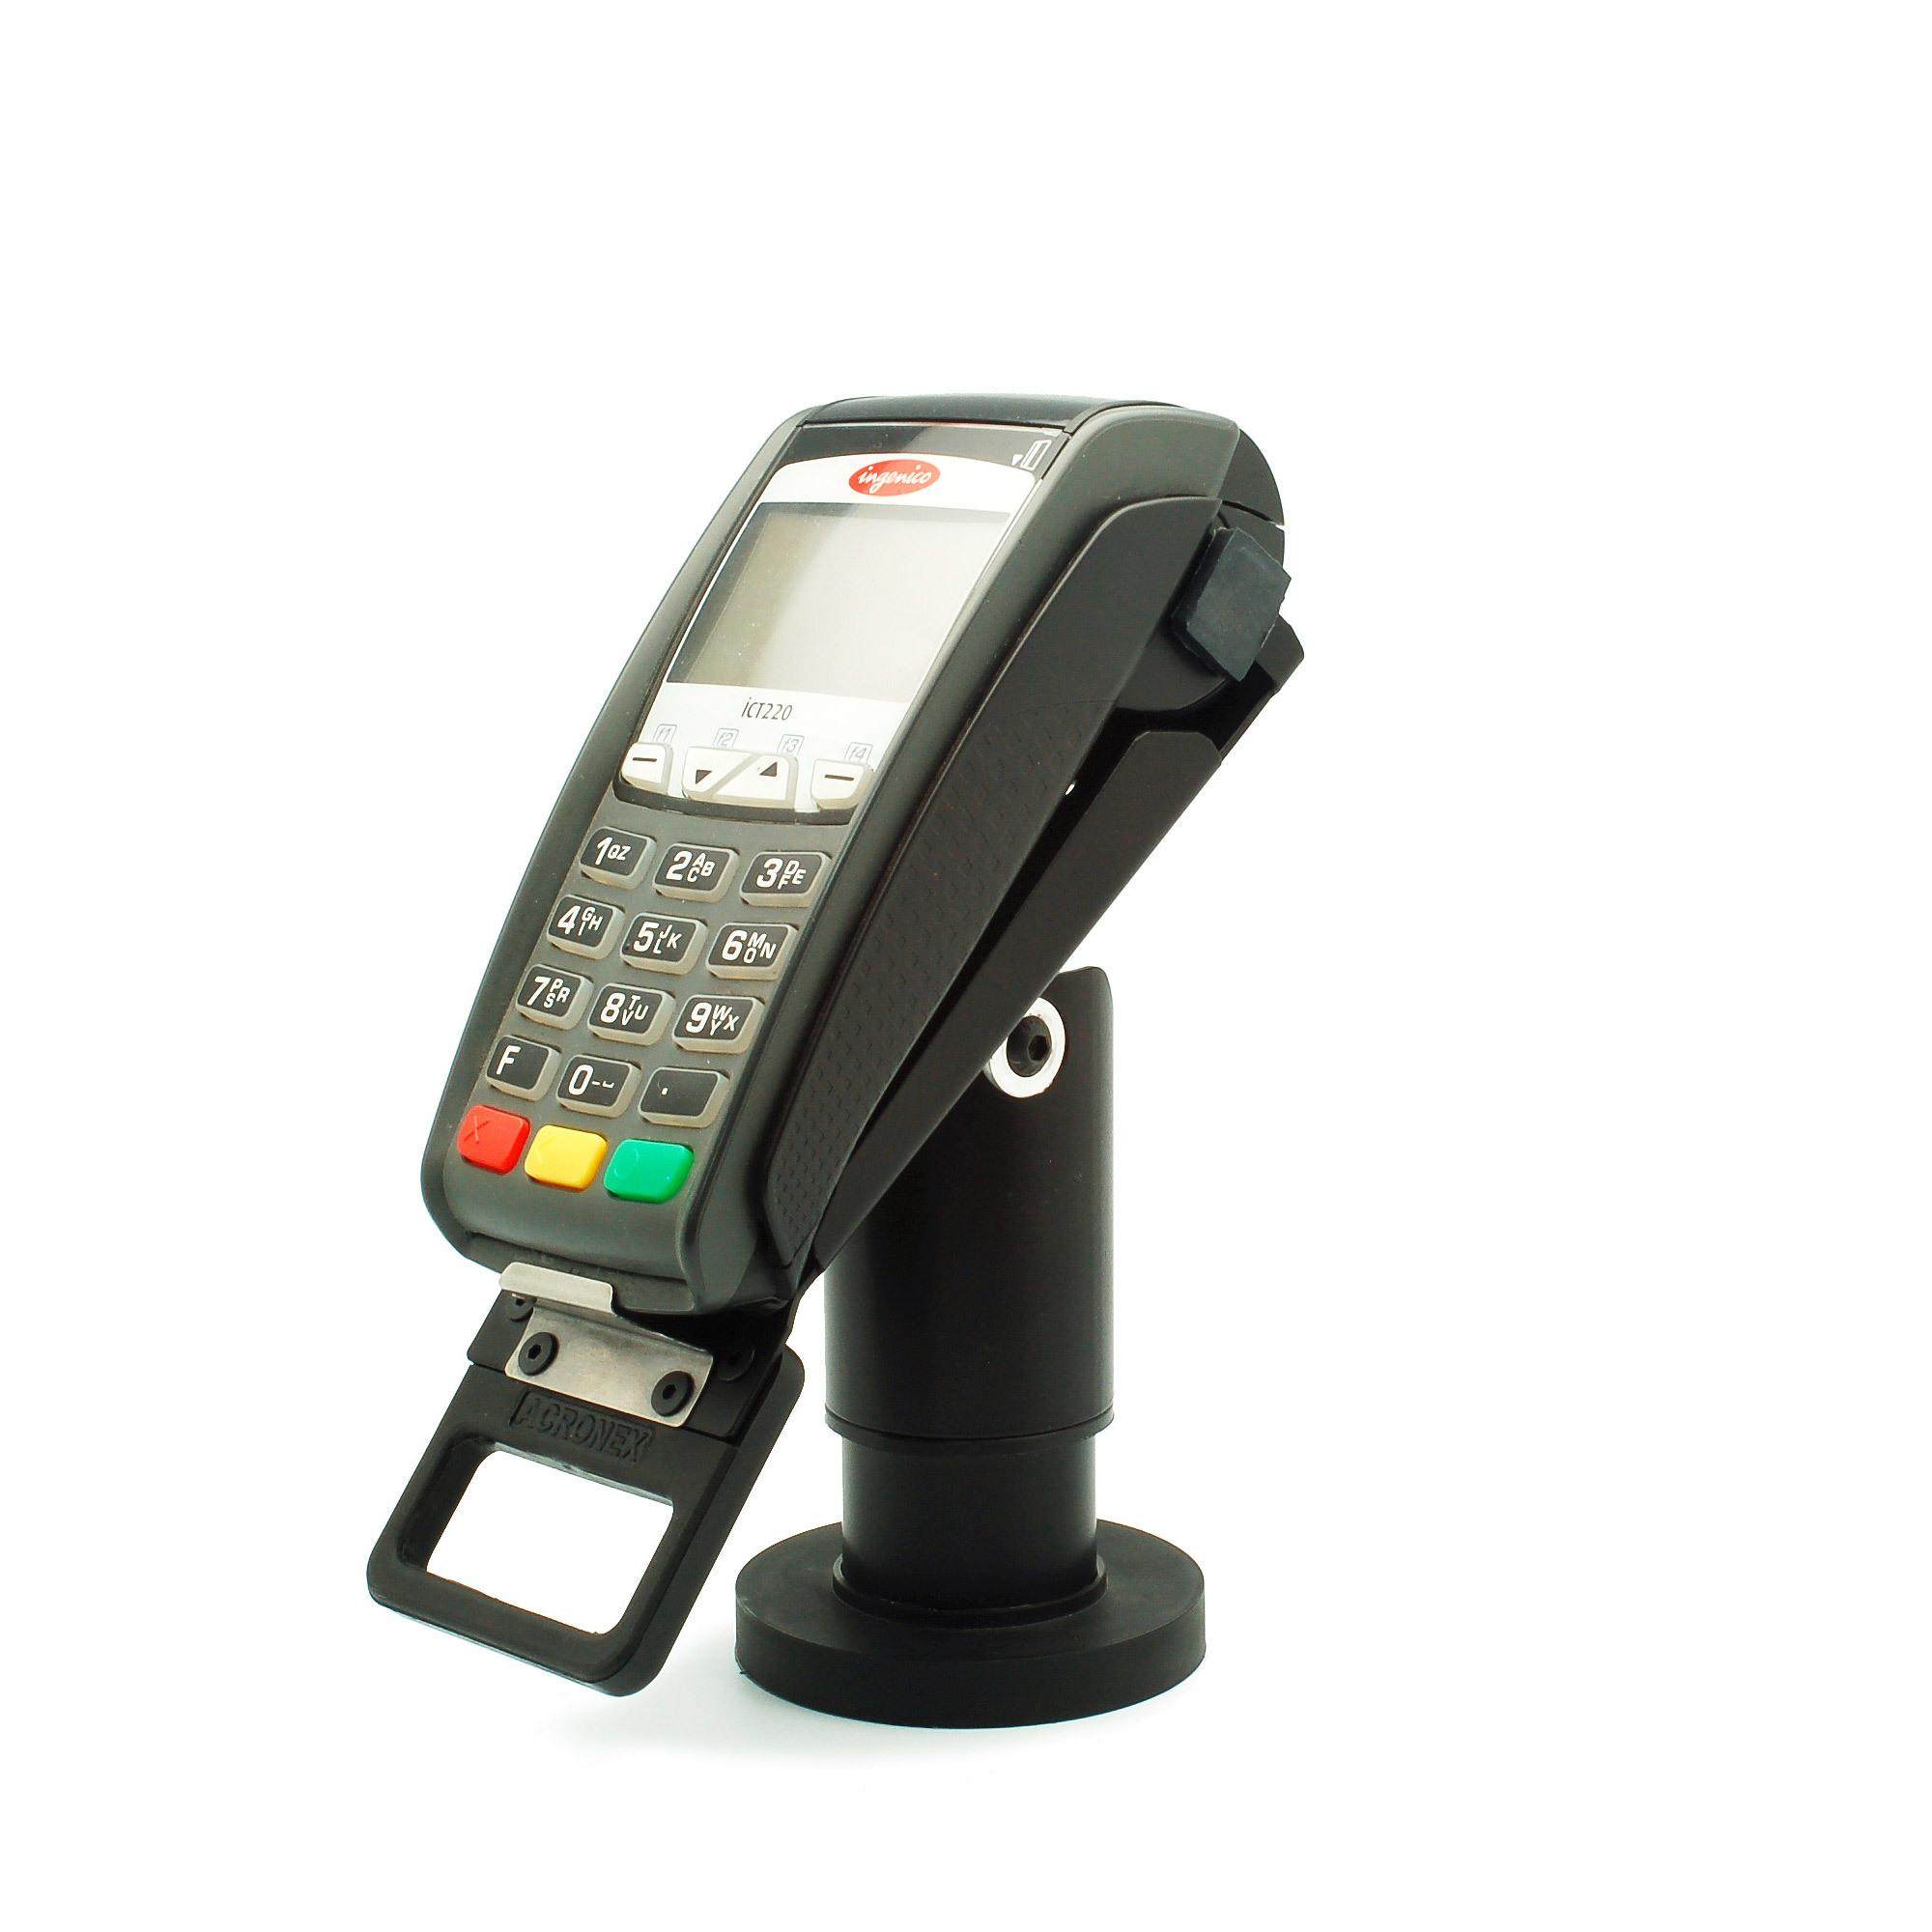 Кронштейн для терминалов Ingenico iCT220/250